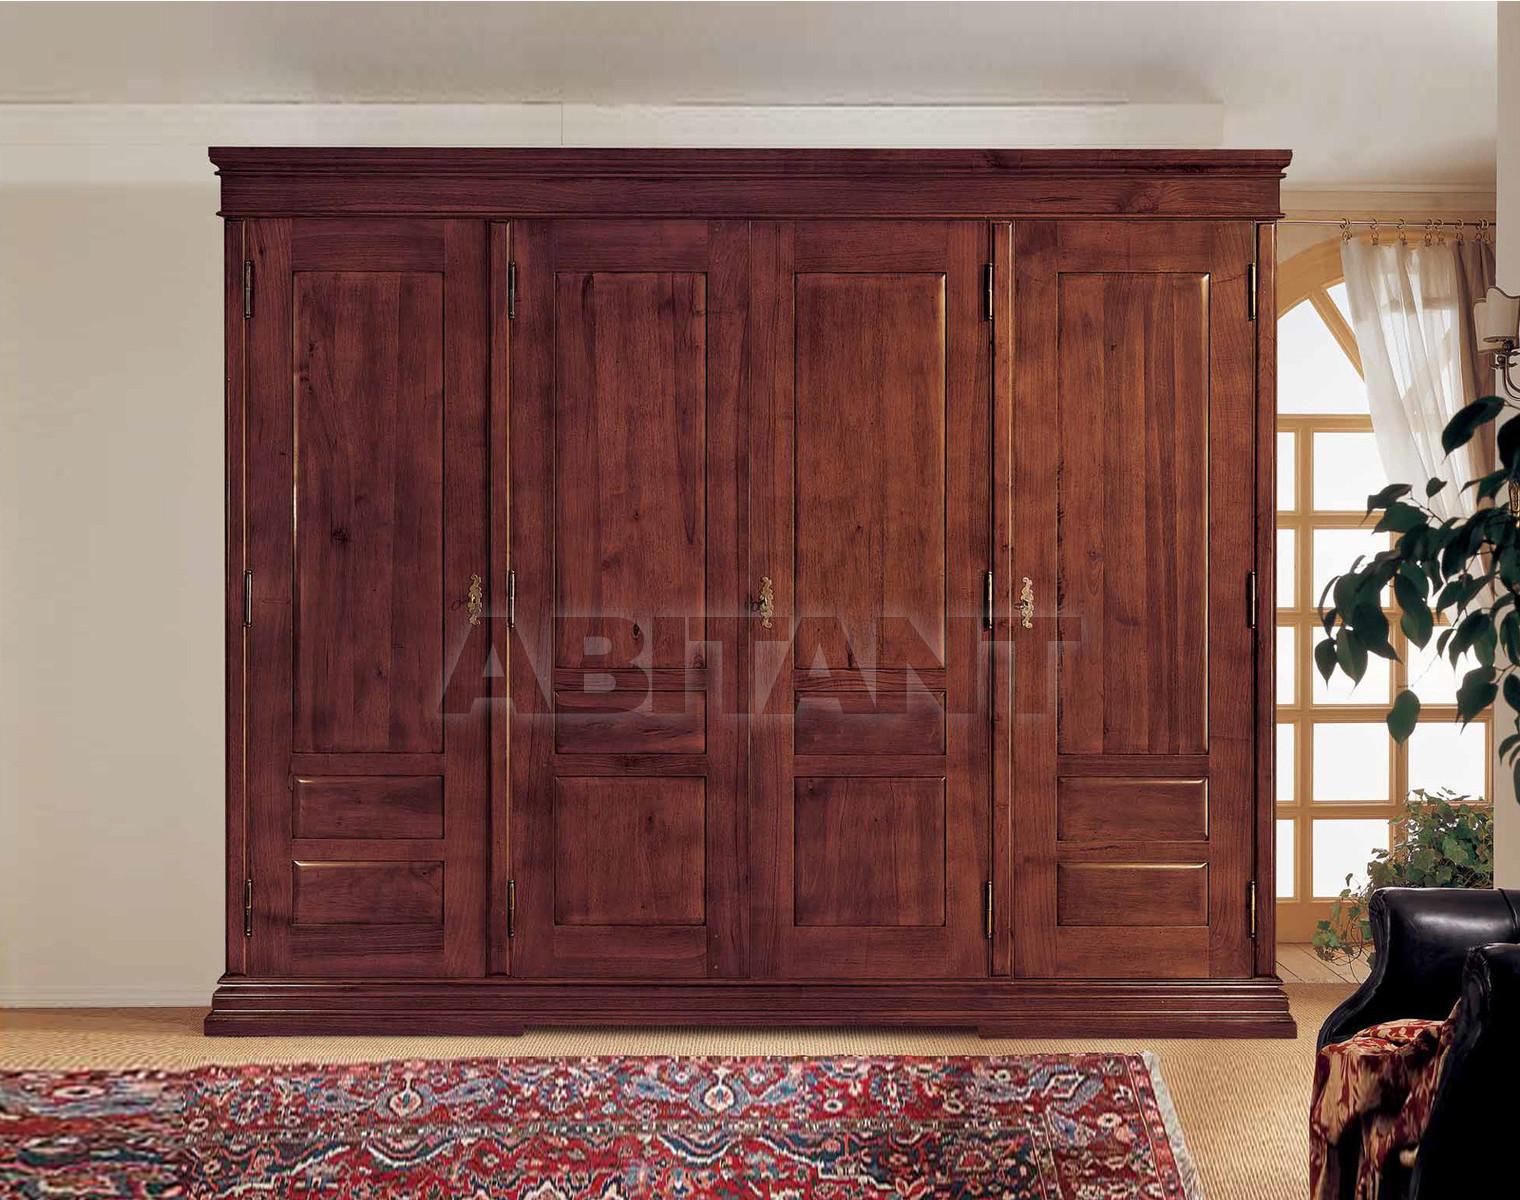 Купить Шкаф гардеробный F.lli Corso Srl Golden House 1070